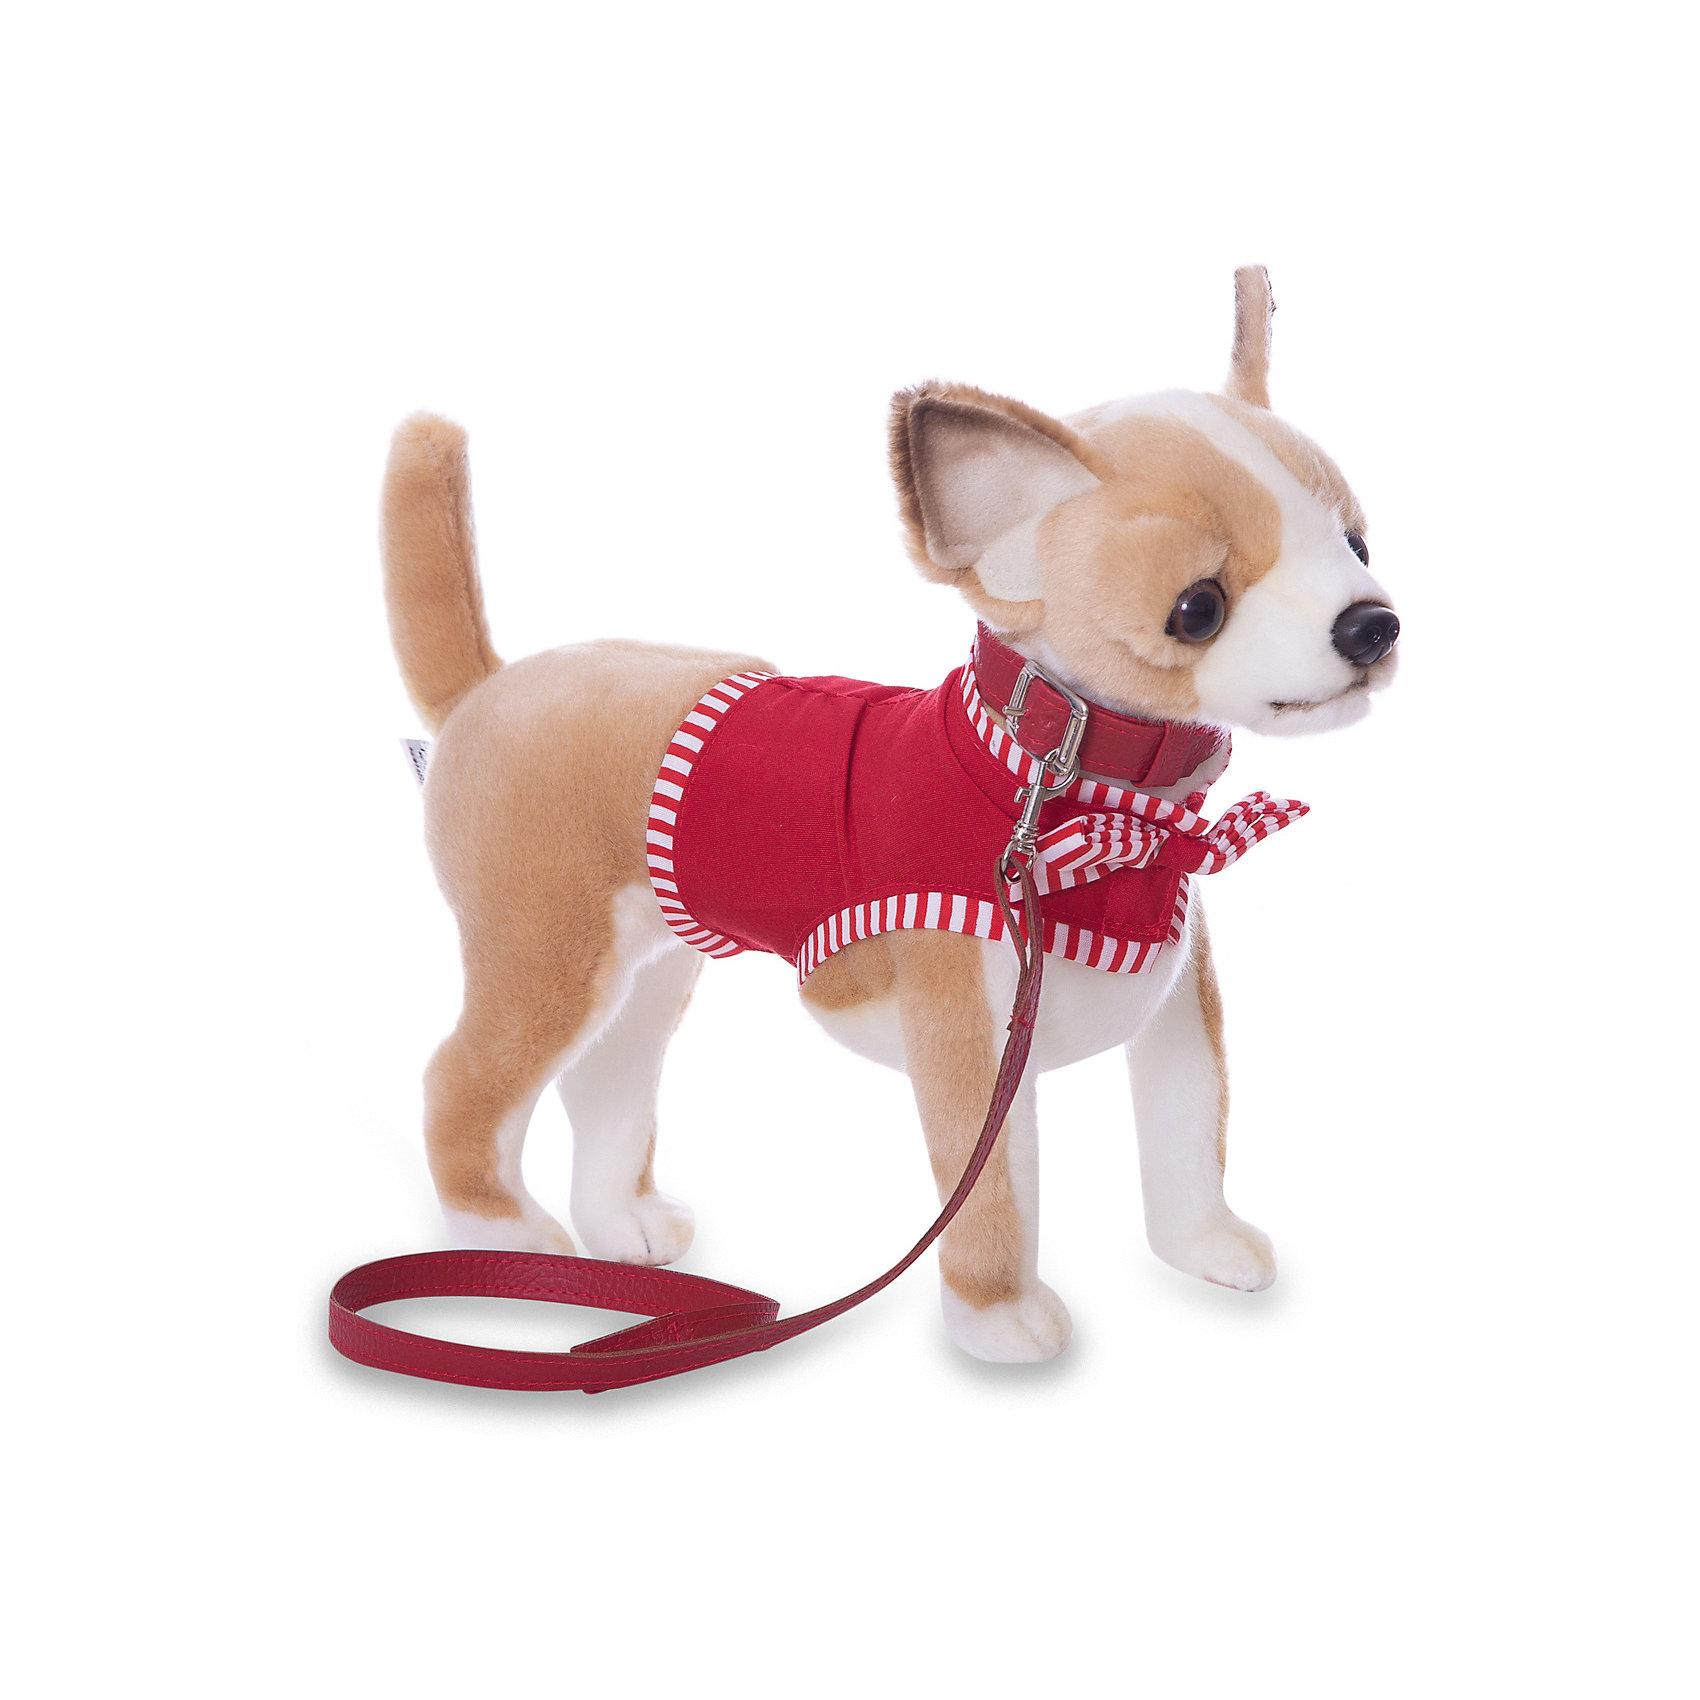 Чихуахуа, 27 смЧихуахуа, 27 см – игрушка от знаменитого бренда Hansa, специализирующегося на выпуске мягких игрушек с высокой степенью натуралистичности. Внешний вид игрушечной собаки полностью соответствует своему реальному прототипу – собаке породы Чихуахуа. Она выполнена из искусственного меха светло-коричневого цвета с коротким ворсом, грудка и внутренняя часть лапок – из белого меха. В комплекте с игрушкой имеется ошейник, поводок и легкая курточка для собаки. Использованные материалы обладают гипоаллергенными свойствами. Внутри игрушки имеется металлический каркас, позволяющий изменять положение. <br>Игрушка относится к серии Домашние животные. <br>Мягкие игрушки от Hansa подходят для сюжетно-ролевых игр, для обучающих игр, направленных на знакомство с миром живой природы. Кроме того, их можно использовать в качестве интерьерных игрушек. Представленные у торгового бренда разнообразие игрушечных собак позволяет собрать свою коллекцию пород, которая будет радовать вашего ребенка долгое время, так как ручная работа и качественные материалы гарантируют их долговечность и прочность.<br><br>Дополнительная информация:<br><br>- Вид игр: сюжетно-ролевые игры, коллекционирование, интерьерные игрушки<br>- Предназначение: для дома, для детских развивающих центров, для детских садов<br>- Материал: искусственный мех, текстиль, наполнитель ? полиэфирное волокно<br>- Размер (ДхШхВ): 27*24*11 см<br>- Вес: 900 г<br>- Особенности ухода: сухая чистка при помощи пылесоса или щетки для одежды<br><br>Подробнее:<br><br>• Для детей в возрасте: от 3 лет <br>• Страна производитель: Филиппины<br>• Торговый бренд: Hansa<br><br>Чихуахуа, 27 см можно купить в нашем интернет-магазине.<br><br>Ширина мм: 27<br>Глубина мм: 24<br>Высота мм: 11<br>Вес г: 600<br>Возраст от месяцев: 36<br>Возраст до месяцев: 2147483647<br>Пол: Унисекс<br>Возраст: Детский<br>SKU: 4927229